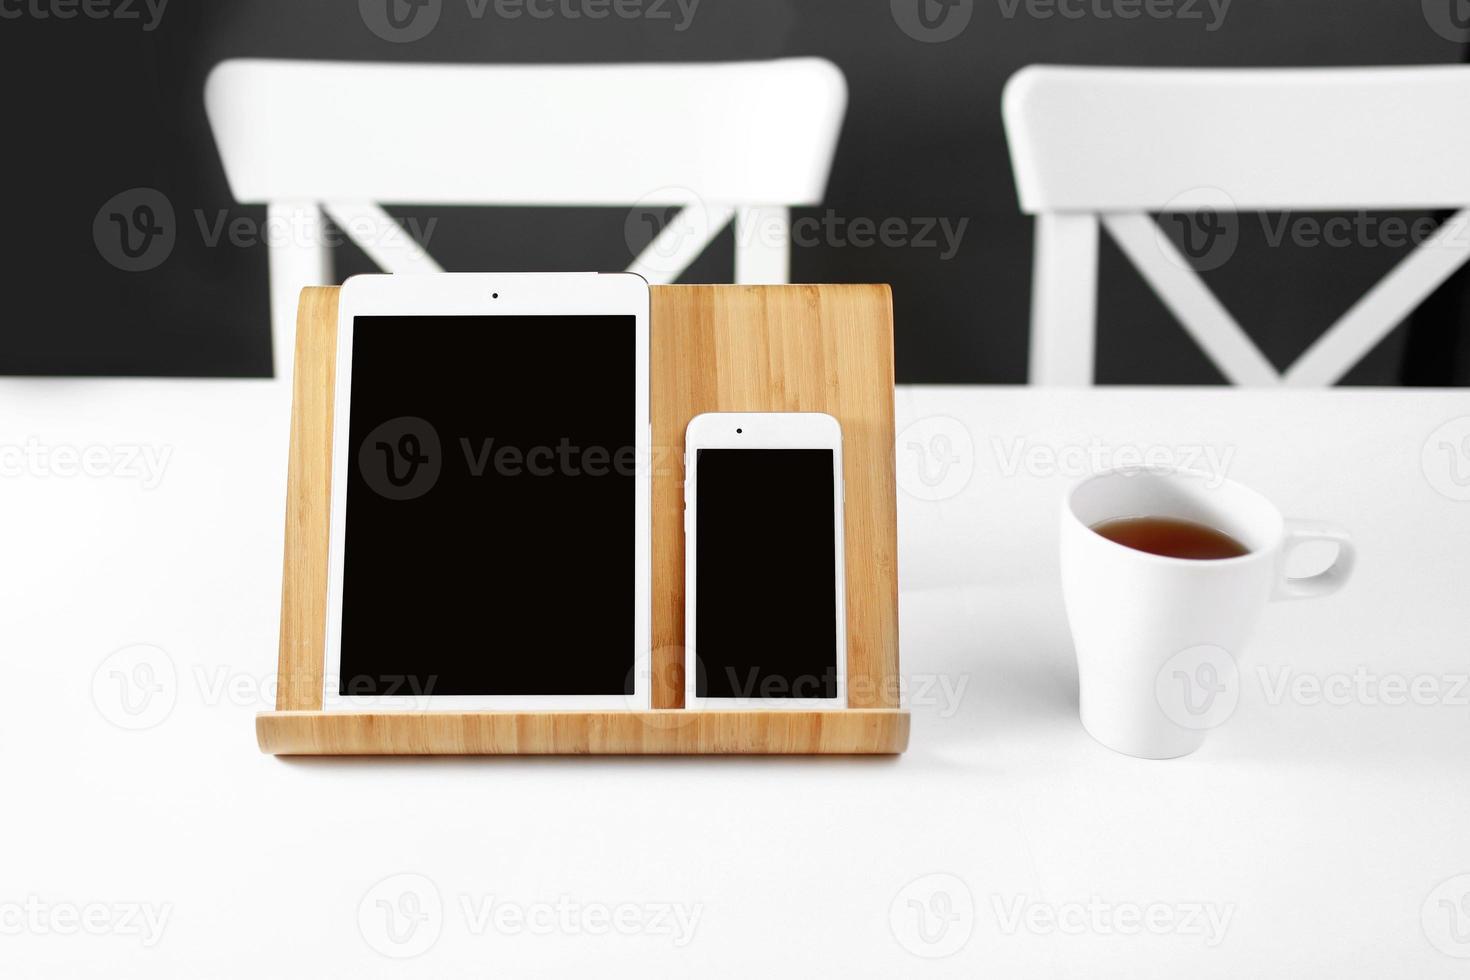 ein weißes Tablet und ein Smartphone auf einem Ständer auf einem weißen Tischbüroarbeitsplatz. eine Tasse Tee am Arbeitsplatz foto